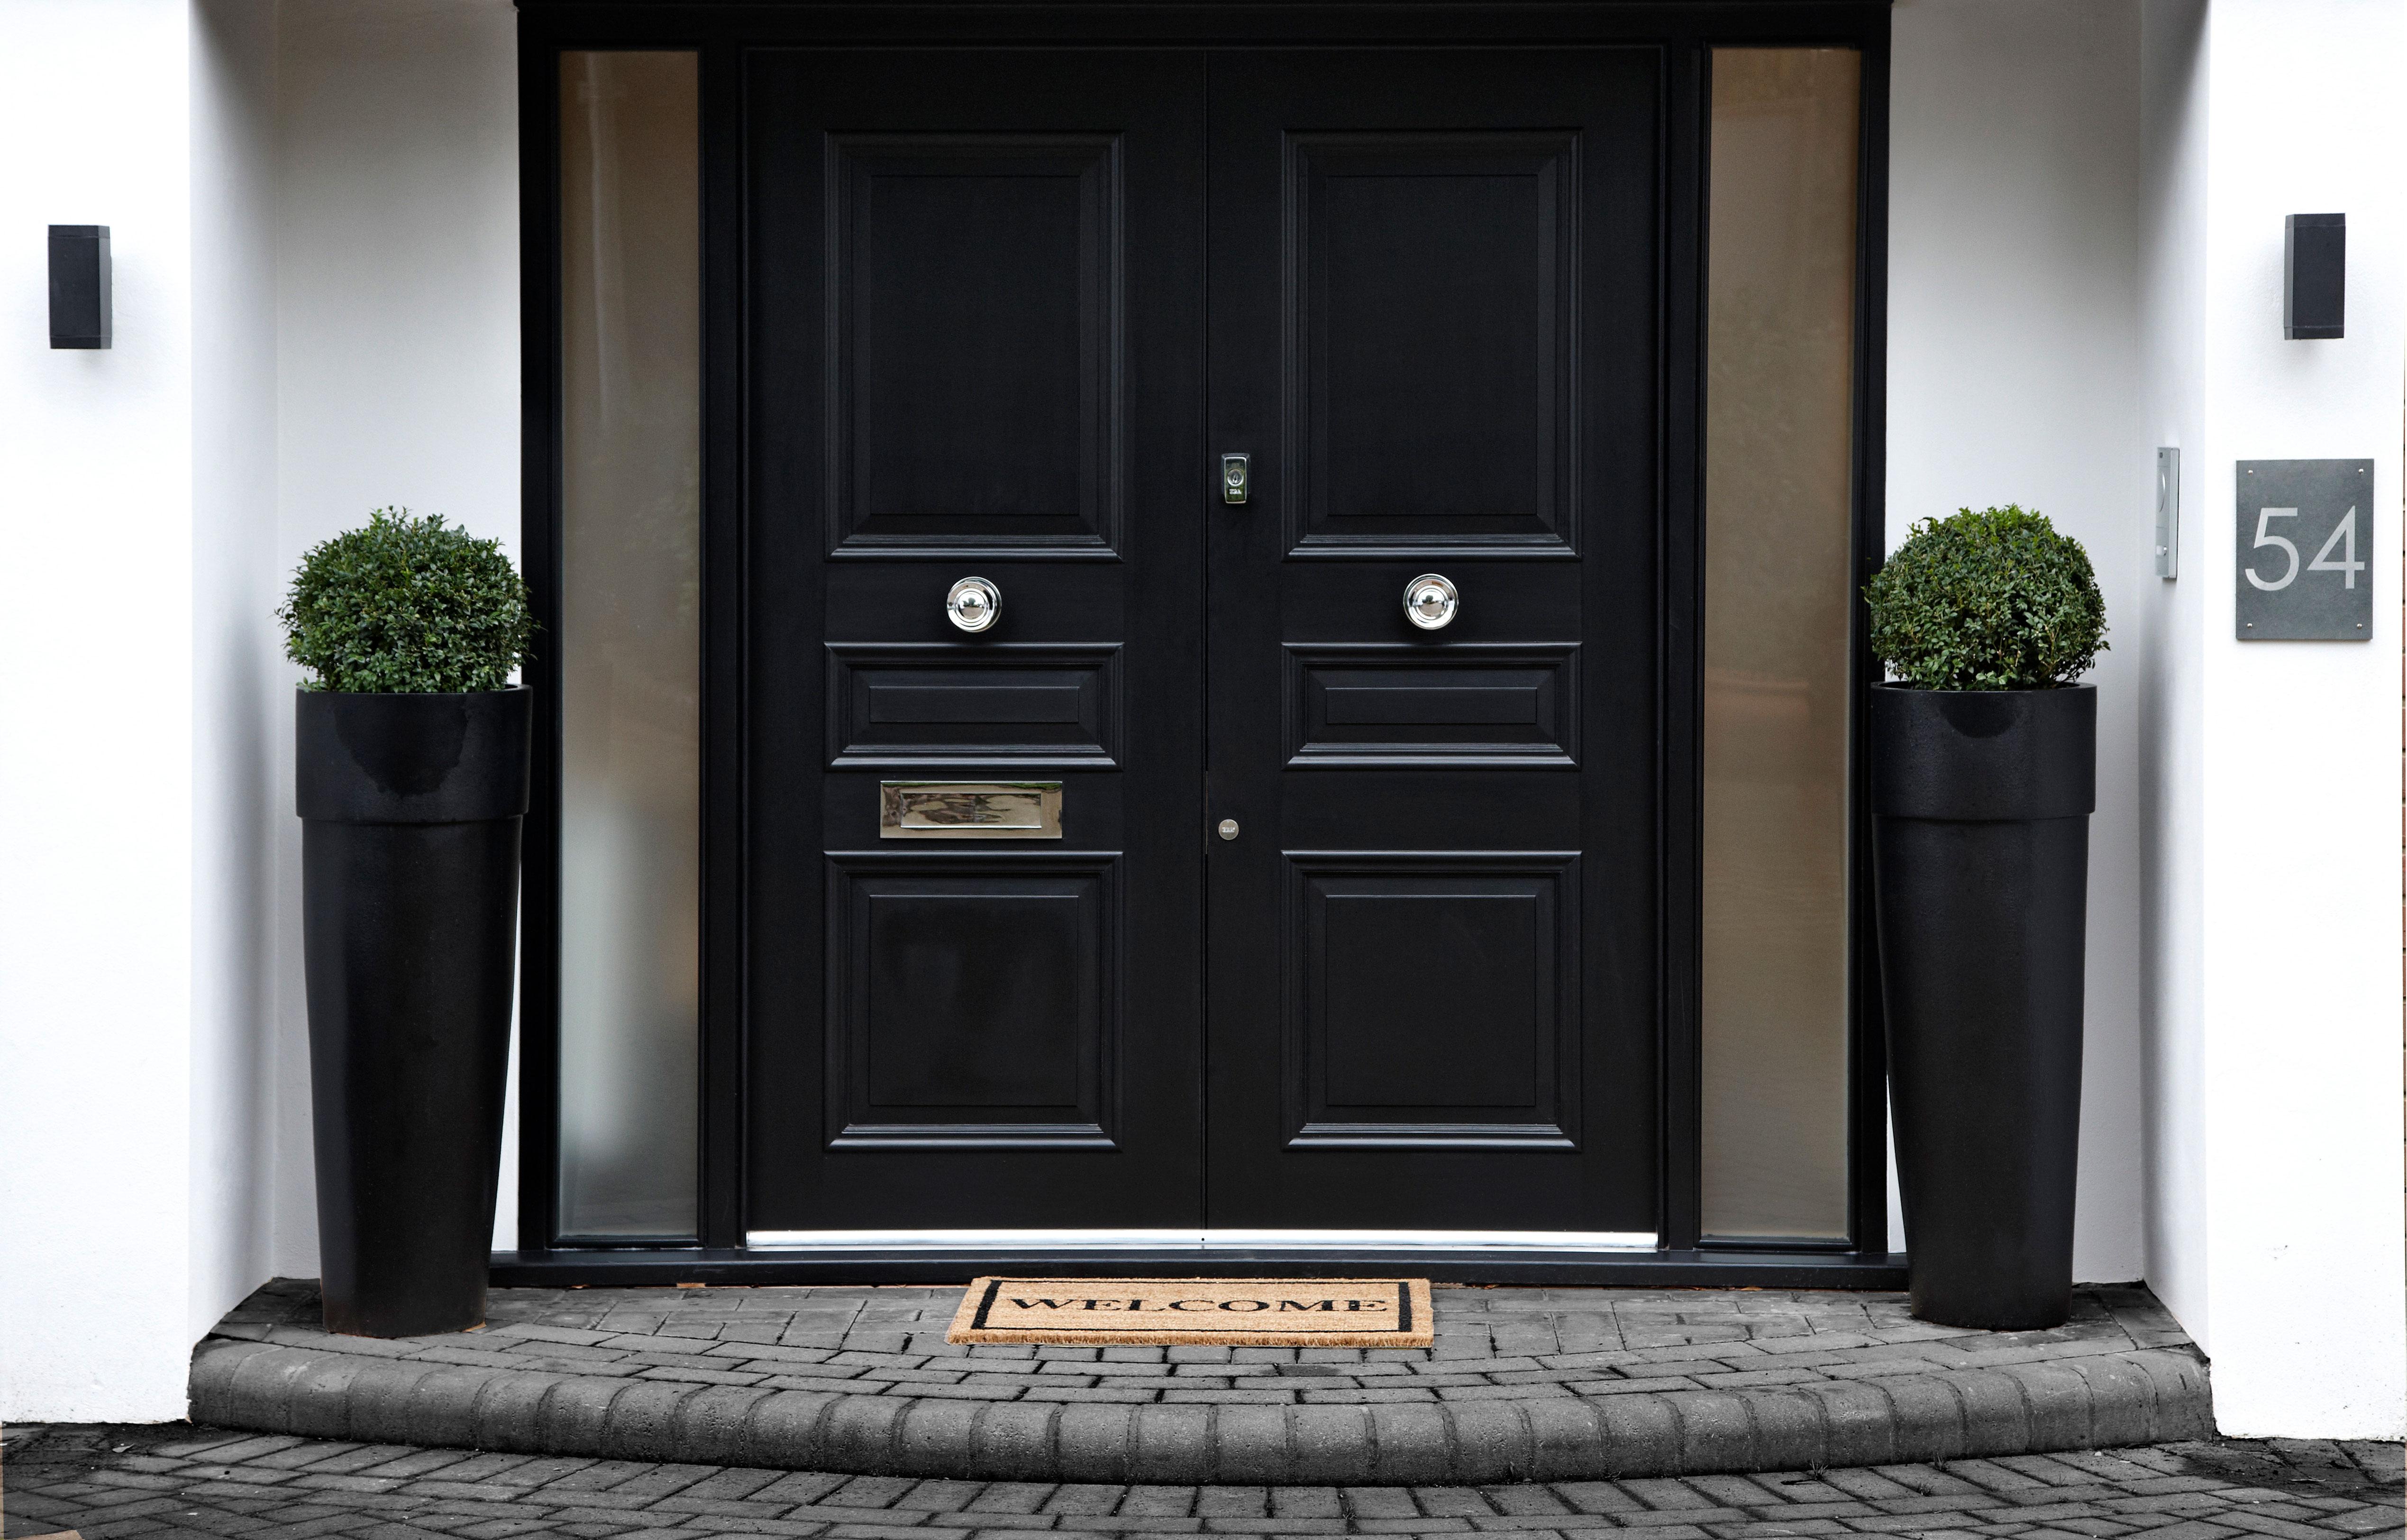 long-tom-planter-doorway-england garden fiberglass